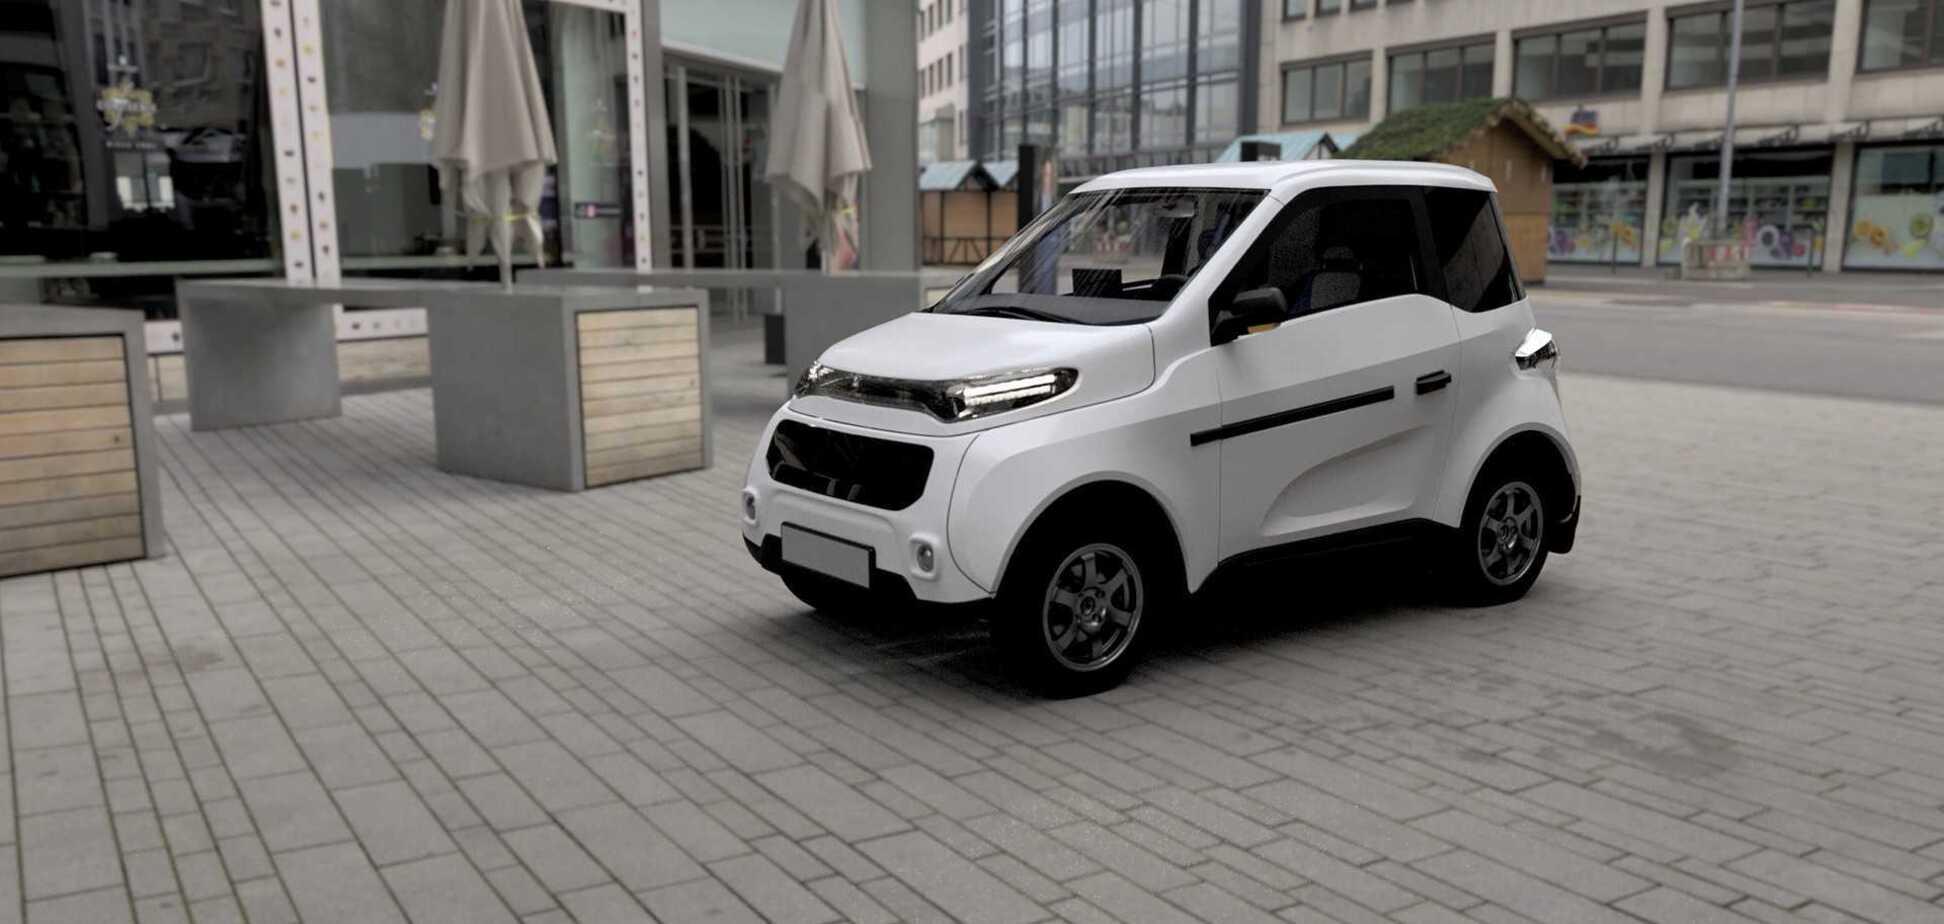 Дешевий російський електромобіль Zetta вирушить у виробництво пізніше. Фото: insideevs.com